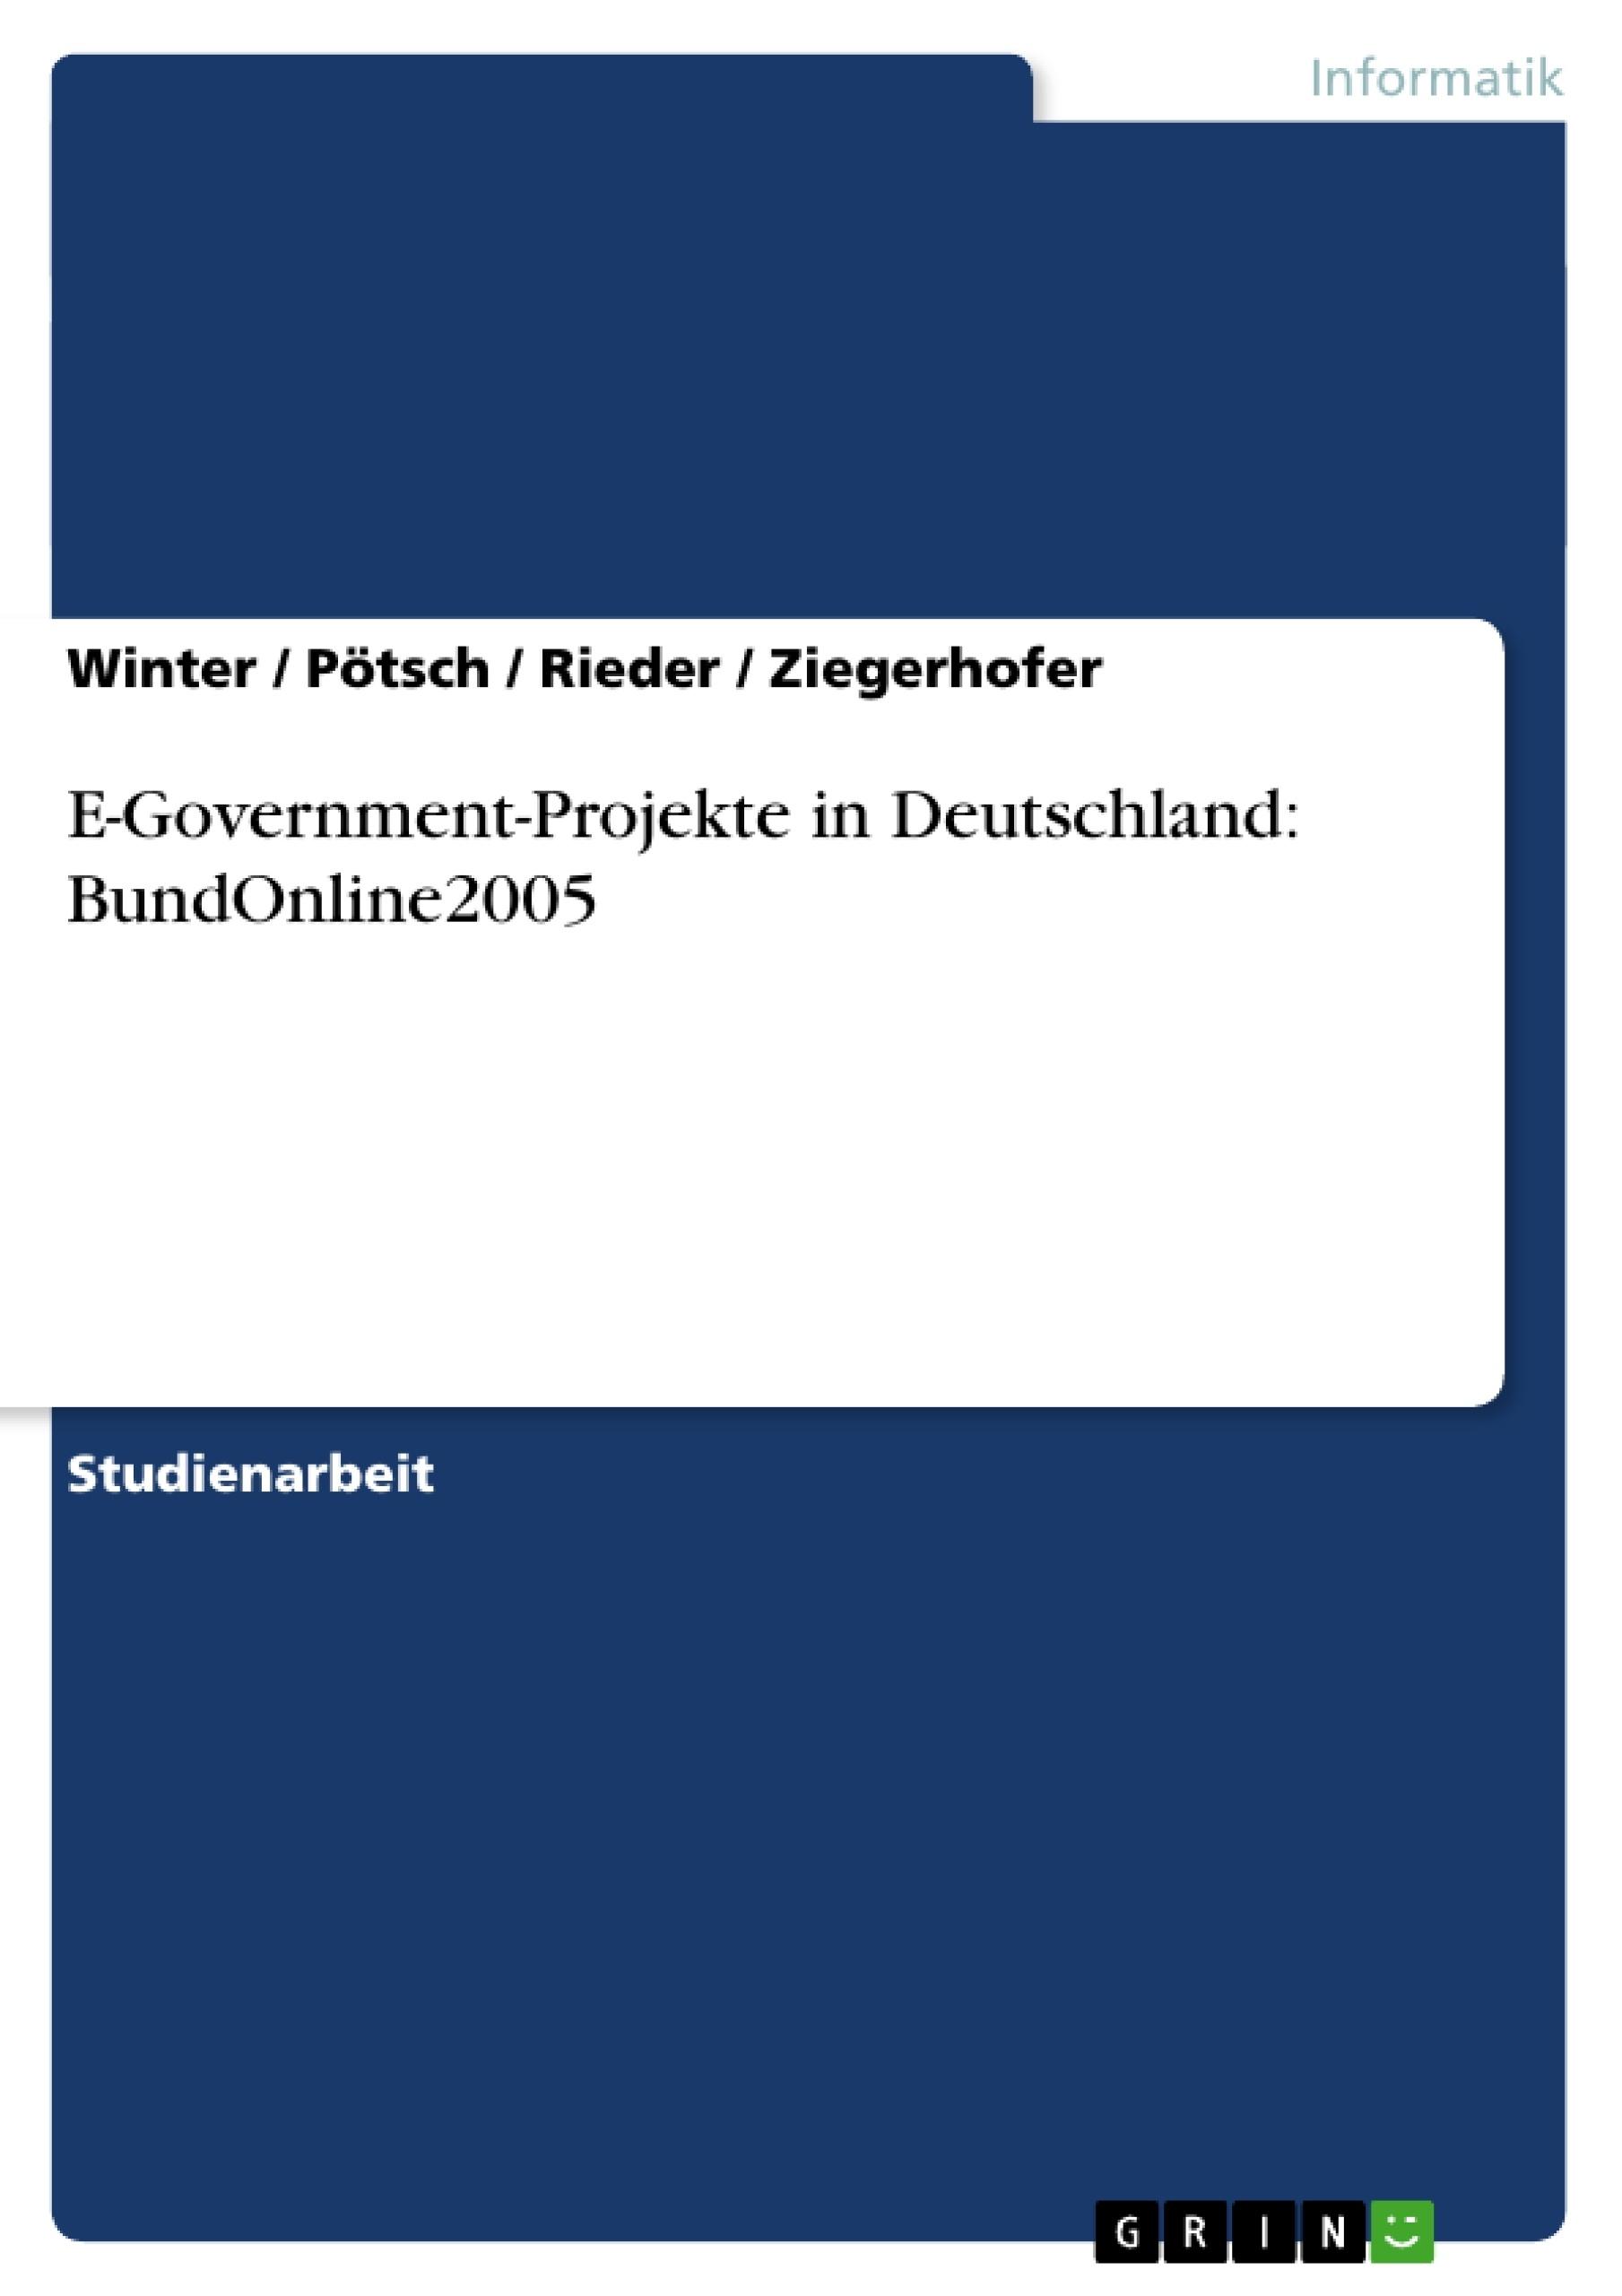 Titel: E-Government-Projekte in Deutschland: BundOnline2005